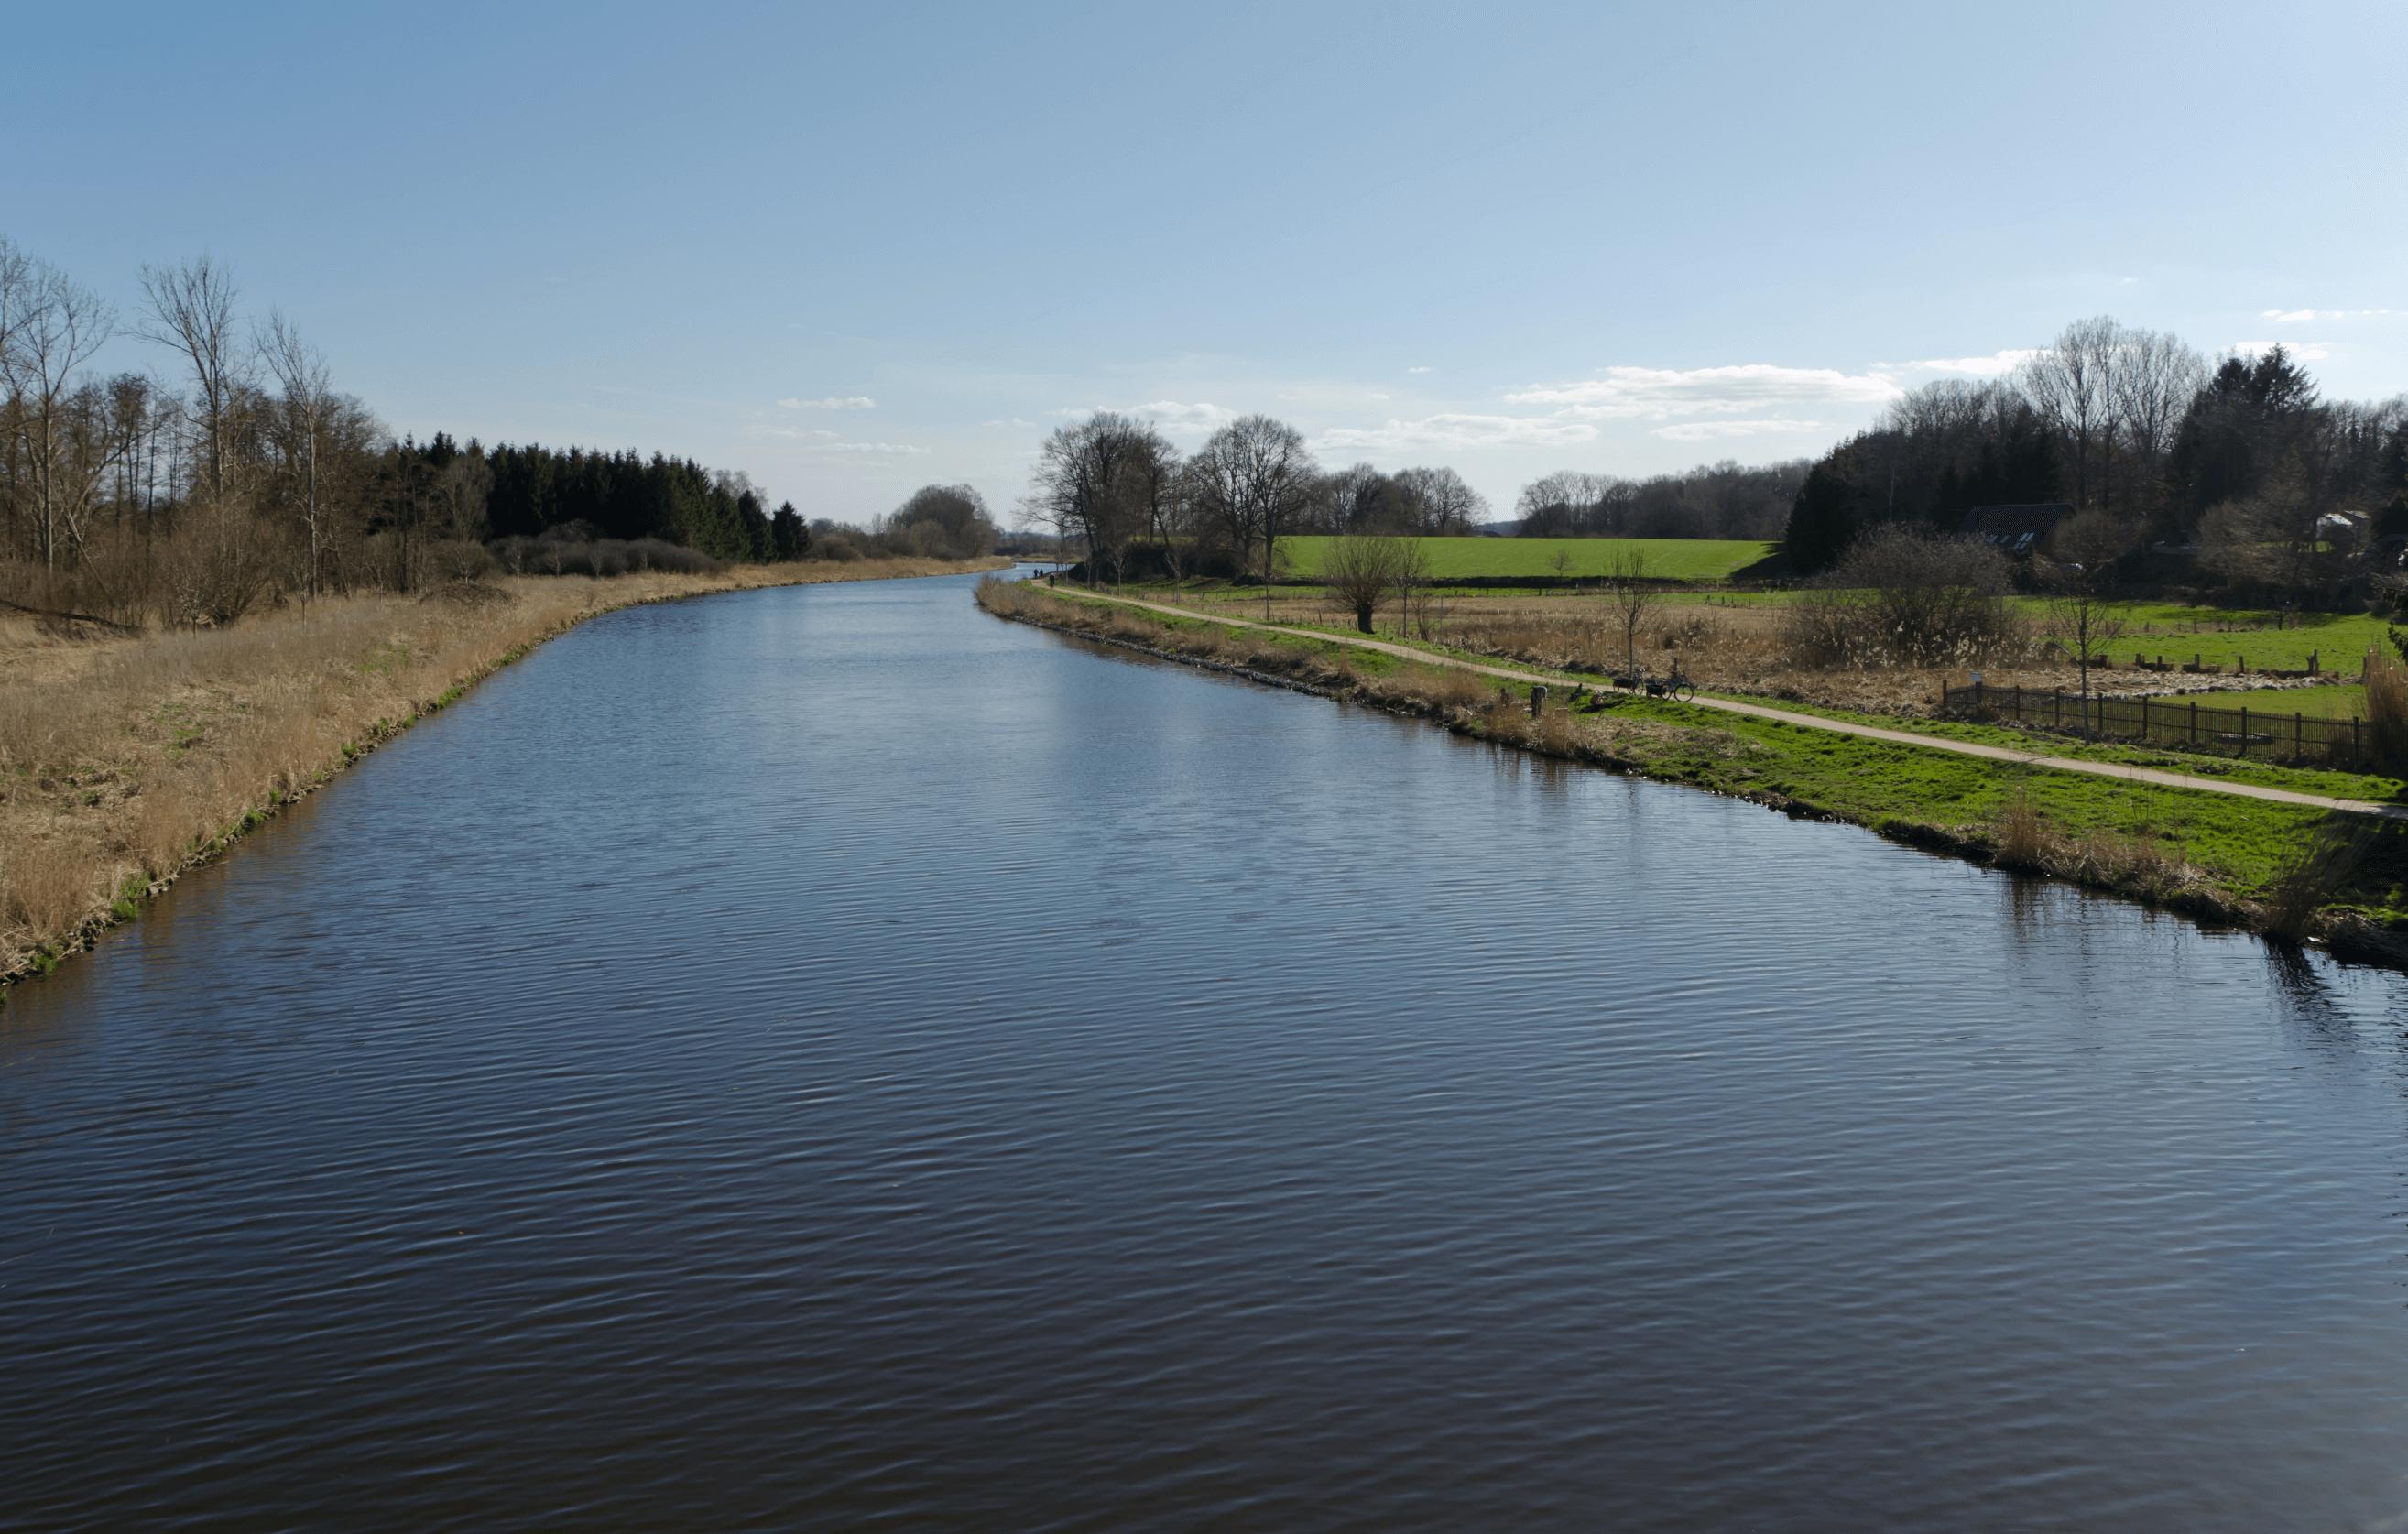 Der kanal elbe-lübeck an einem wolkenlosen Tag in der Natur.